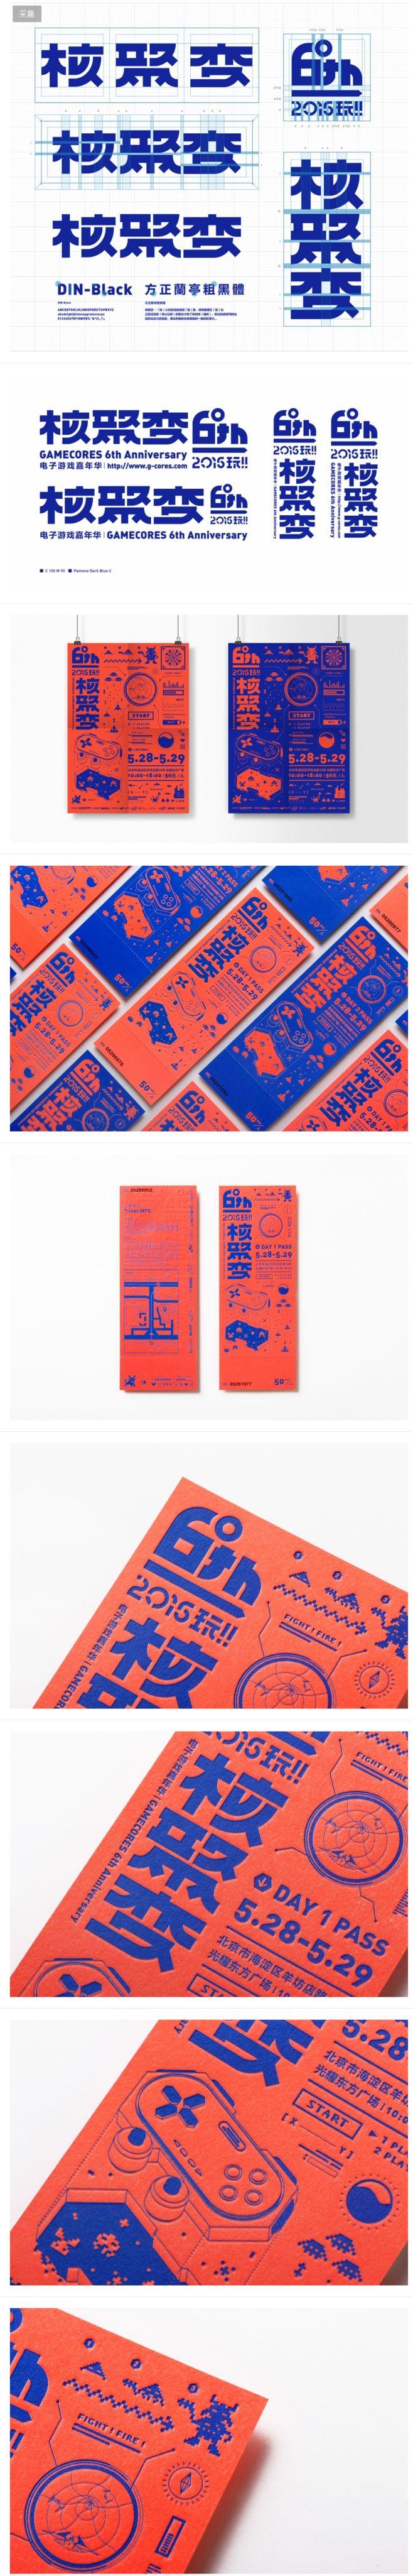 6th核聚變 主視覺設計概念 设计圈 展...